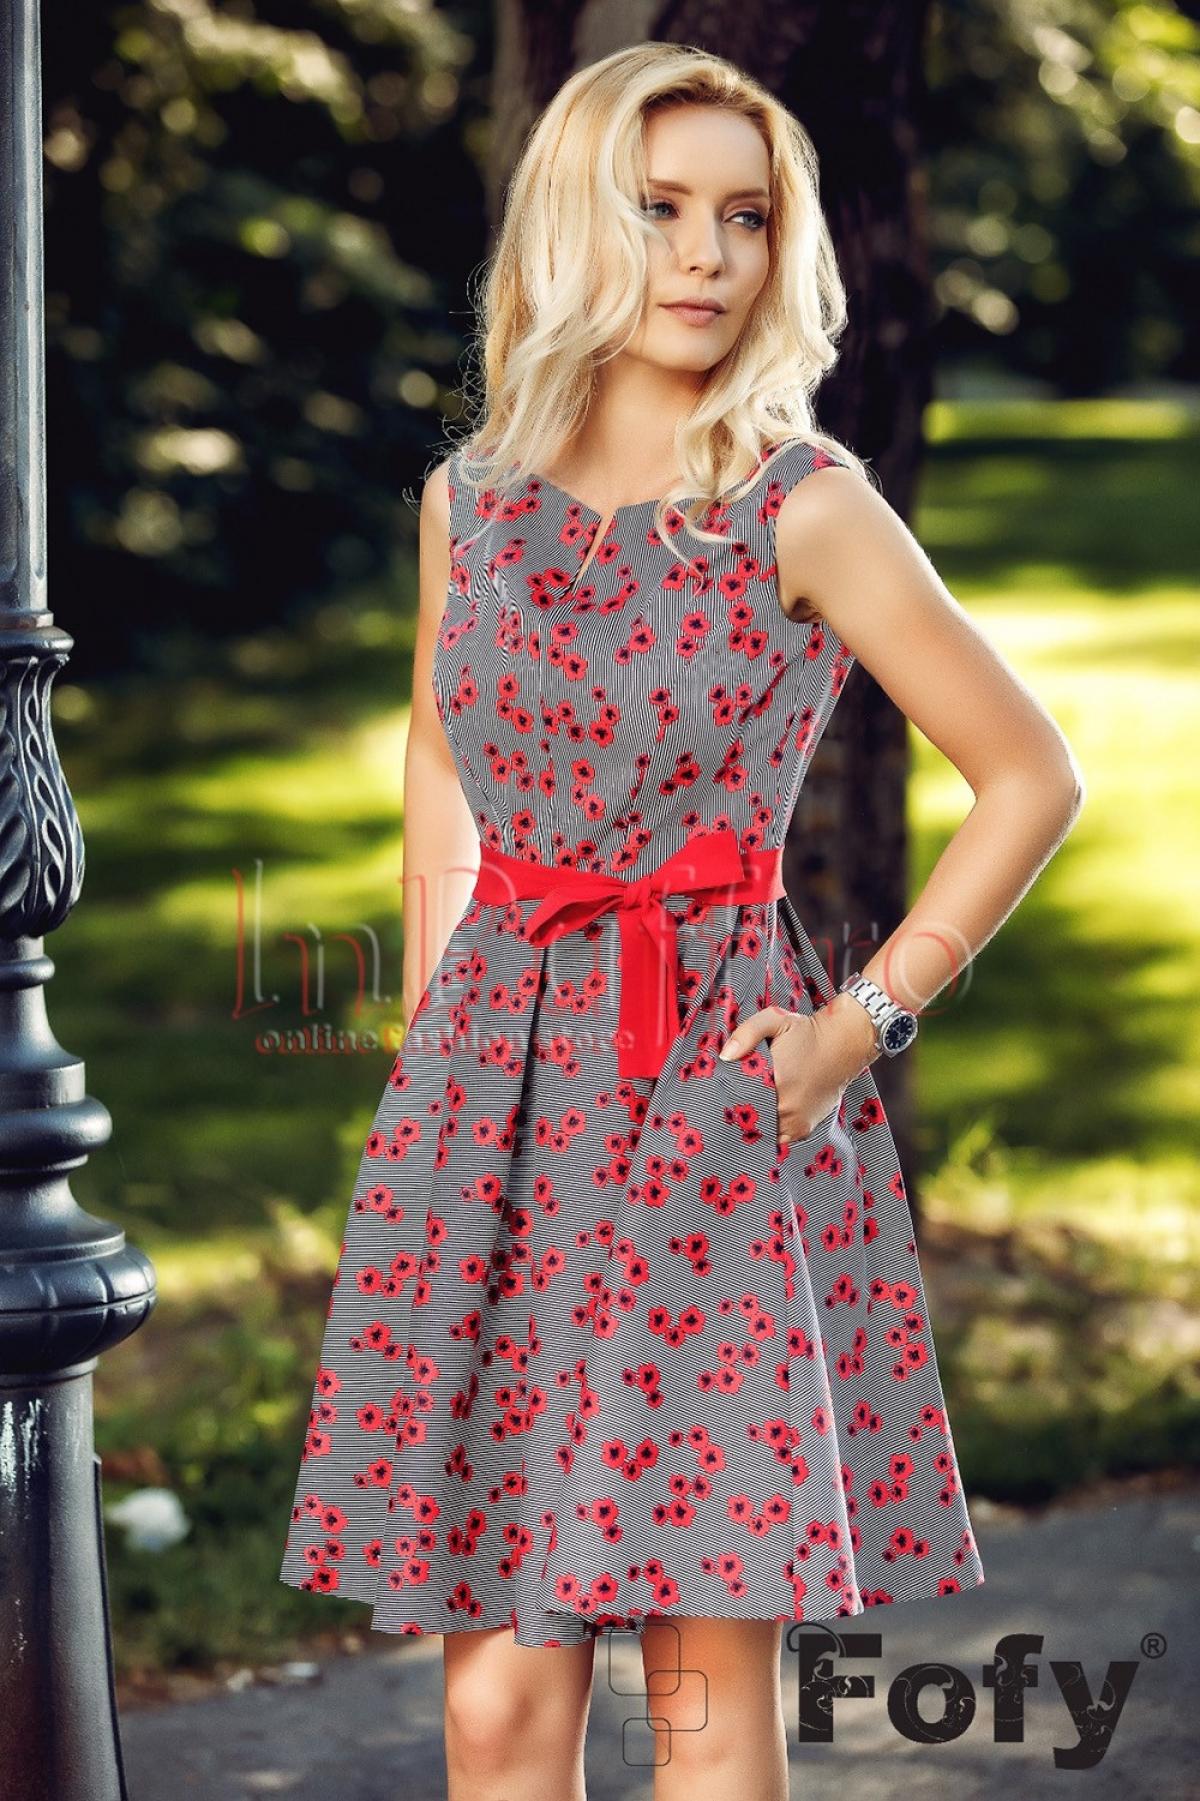 Rochie Fofy eleganta cu flori rosu cu negru imprimate